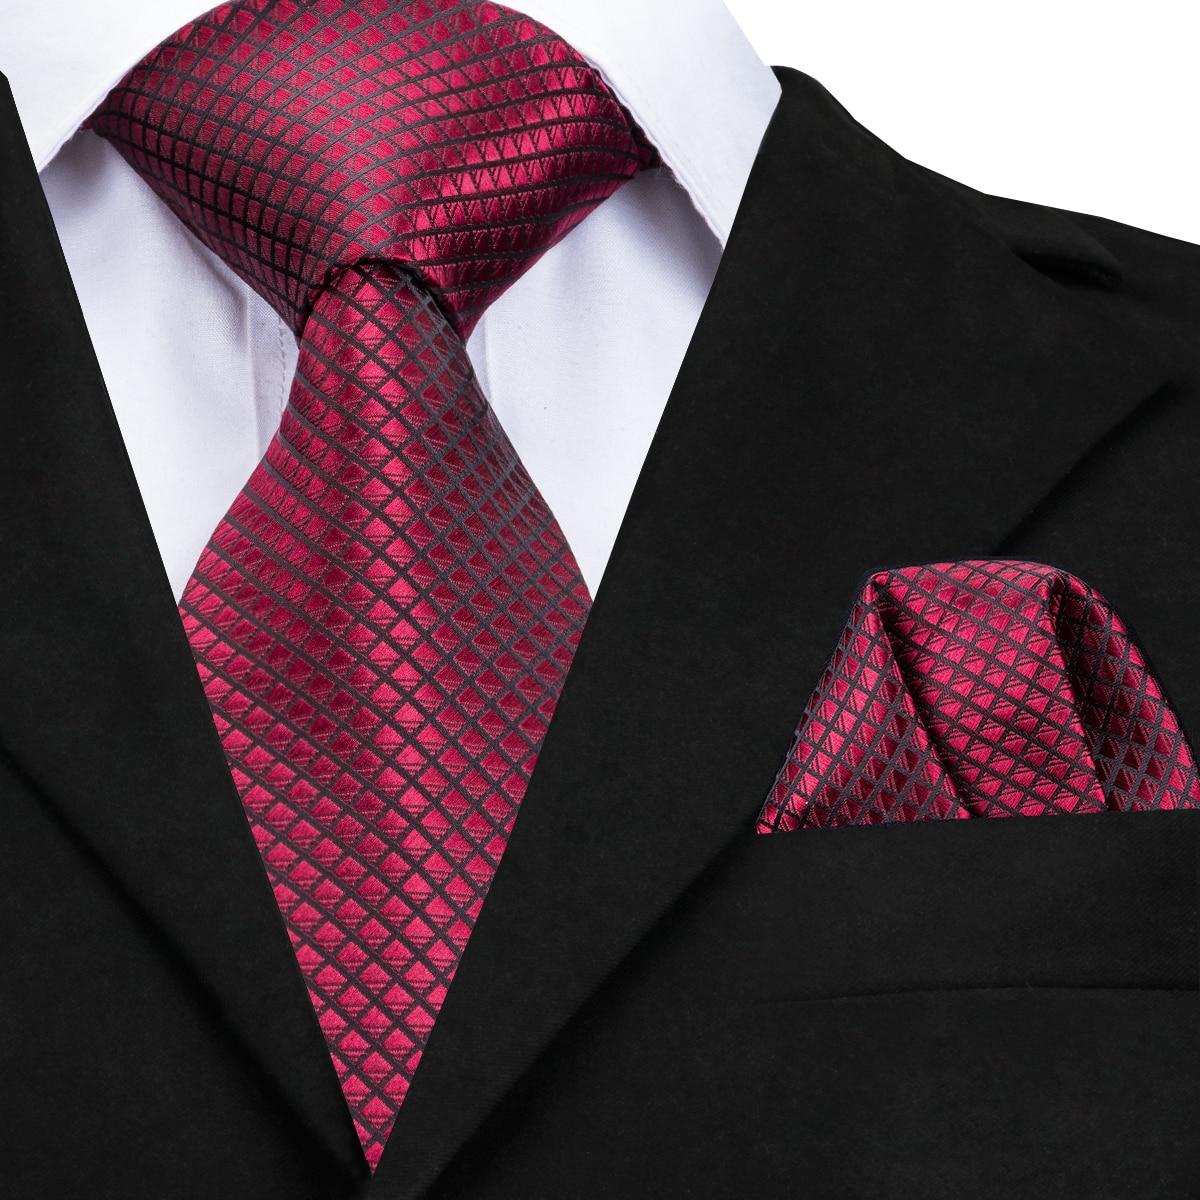 Hola-corbata de seda de alta calidad para hombres 160 cm largo de moda corbata roja, 8 cm de ancho Formal cuadros los hombres corbata de hombre para hombres lazos CZ-005